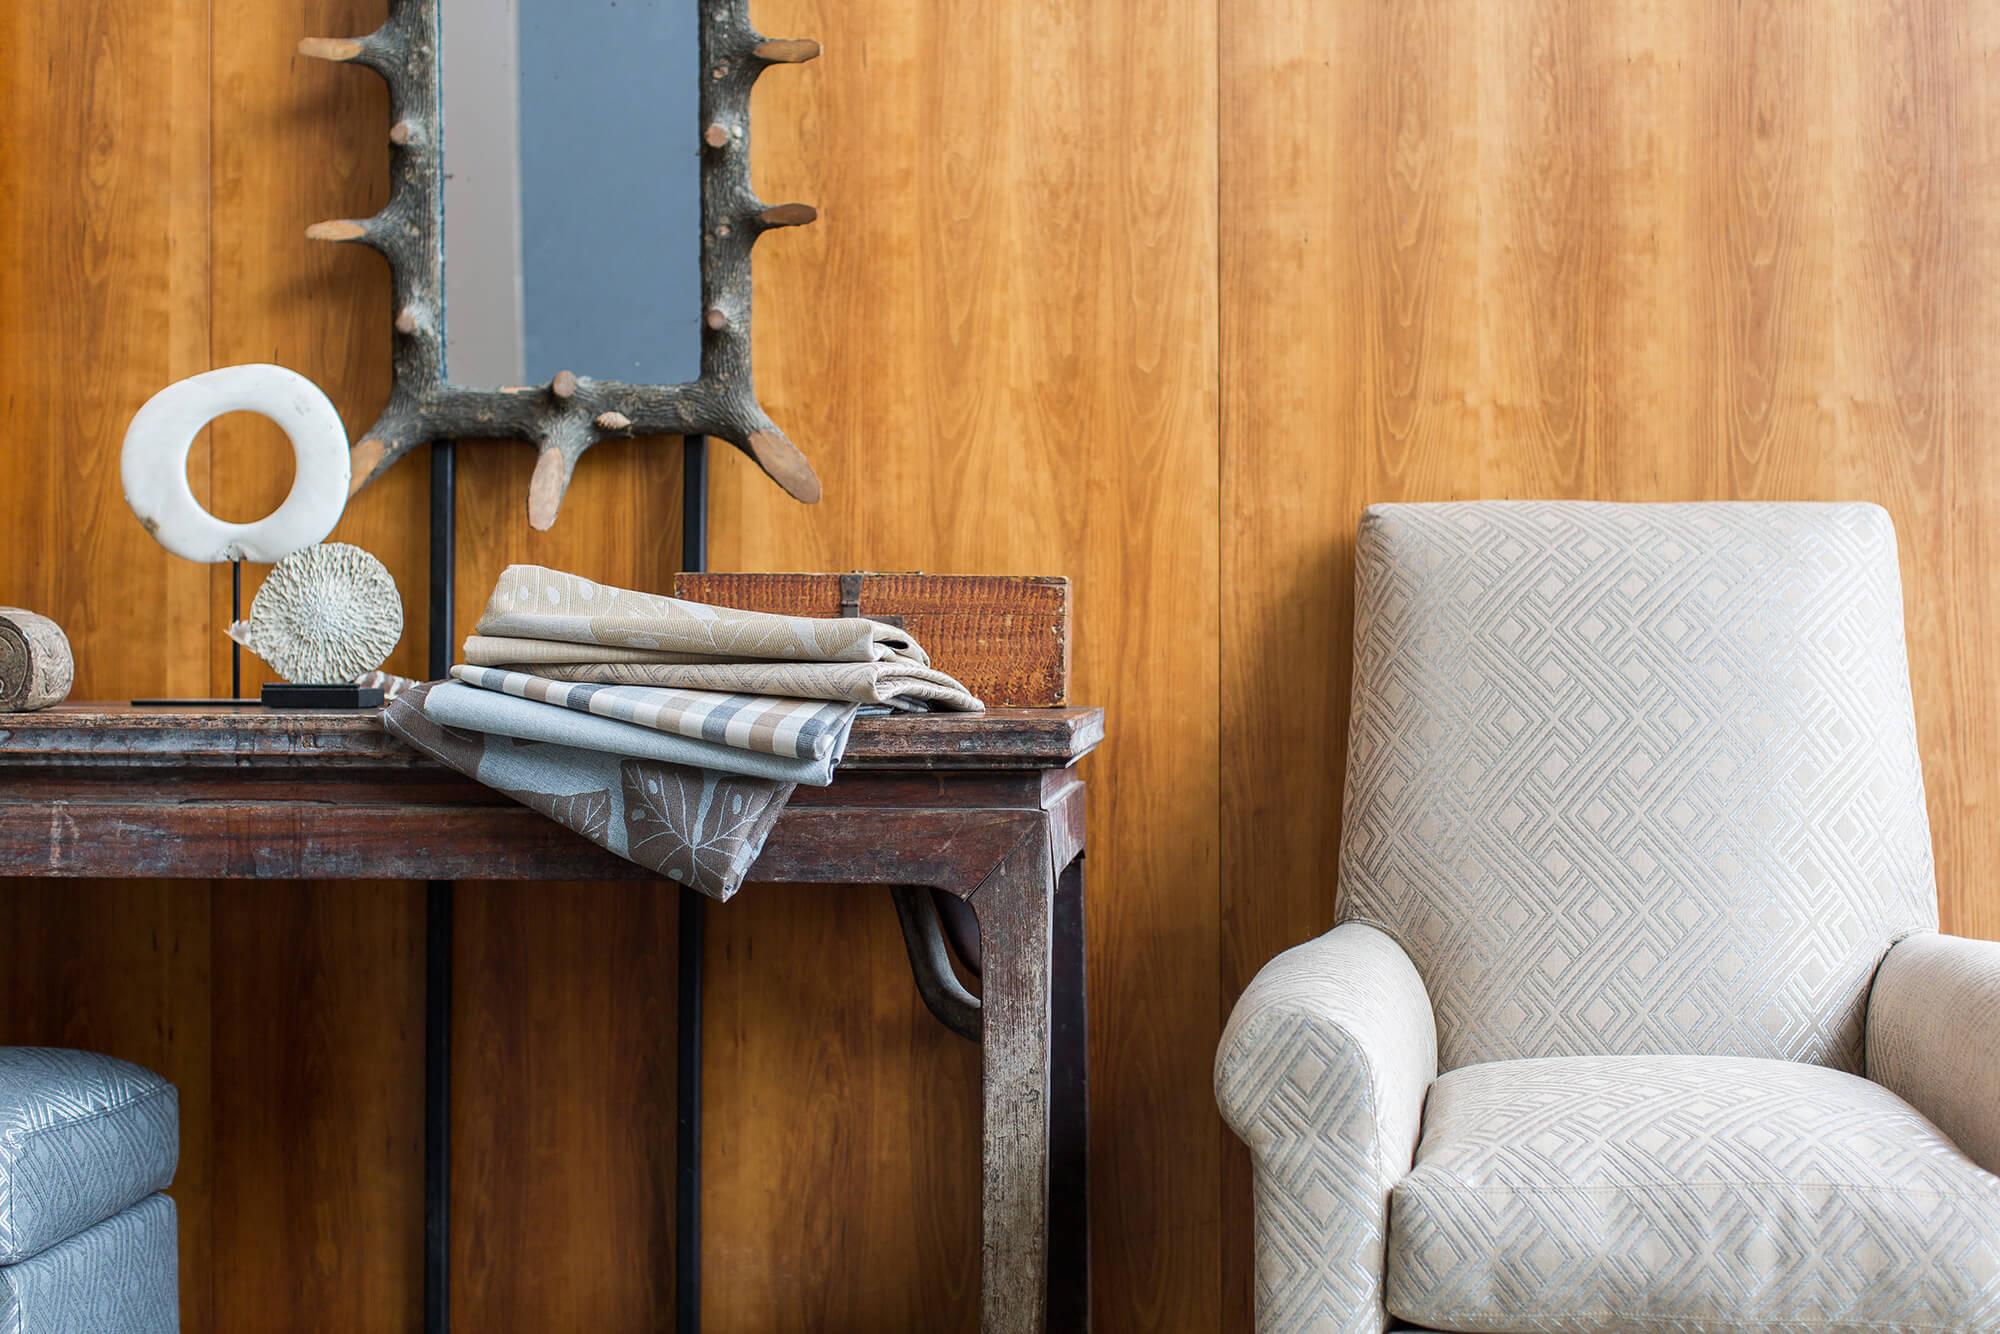 Sunbrella 中性提花图案的布艺沙发